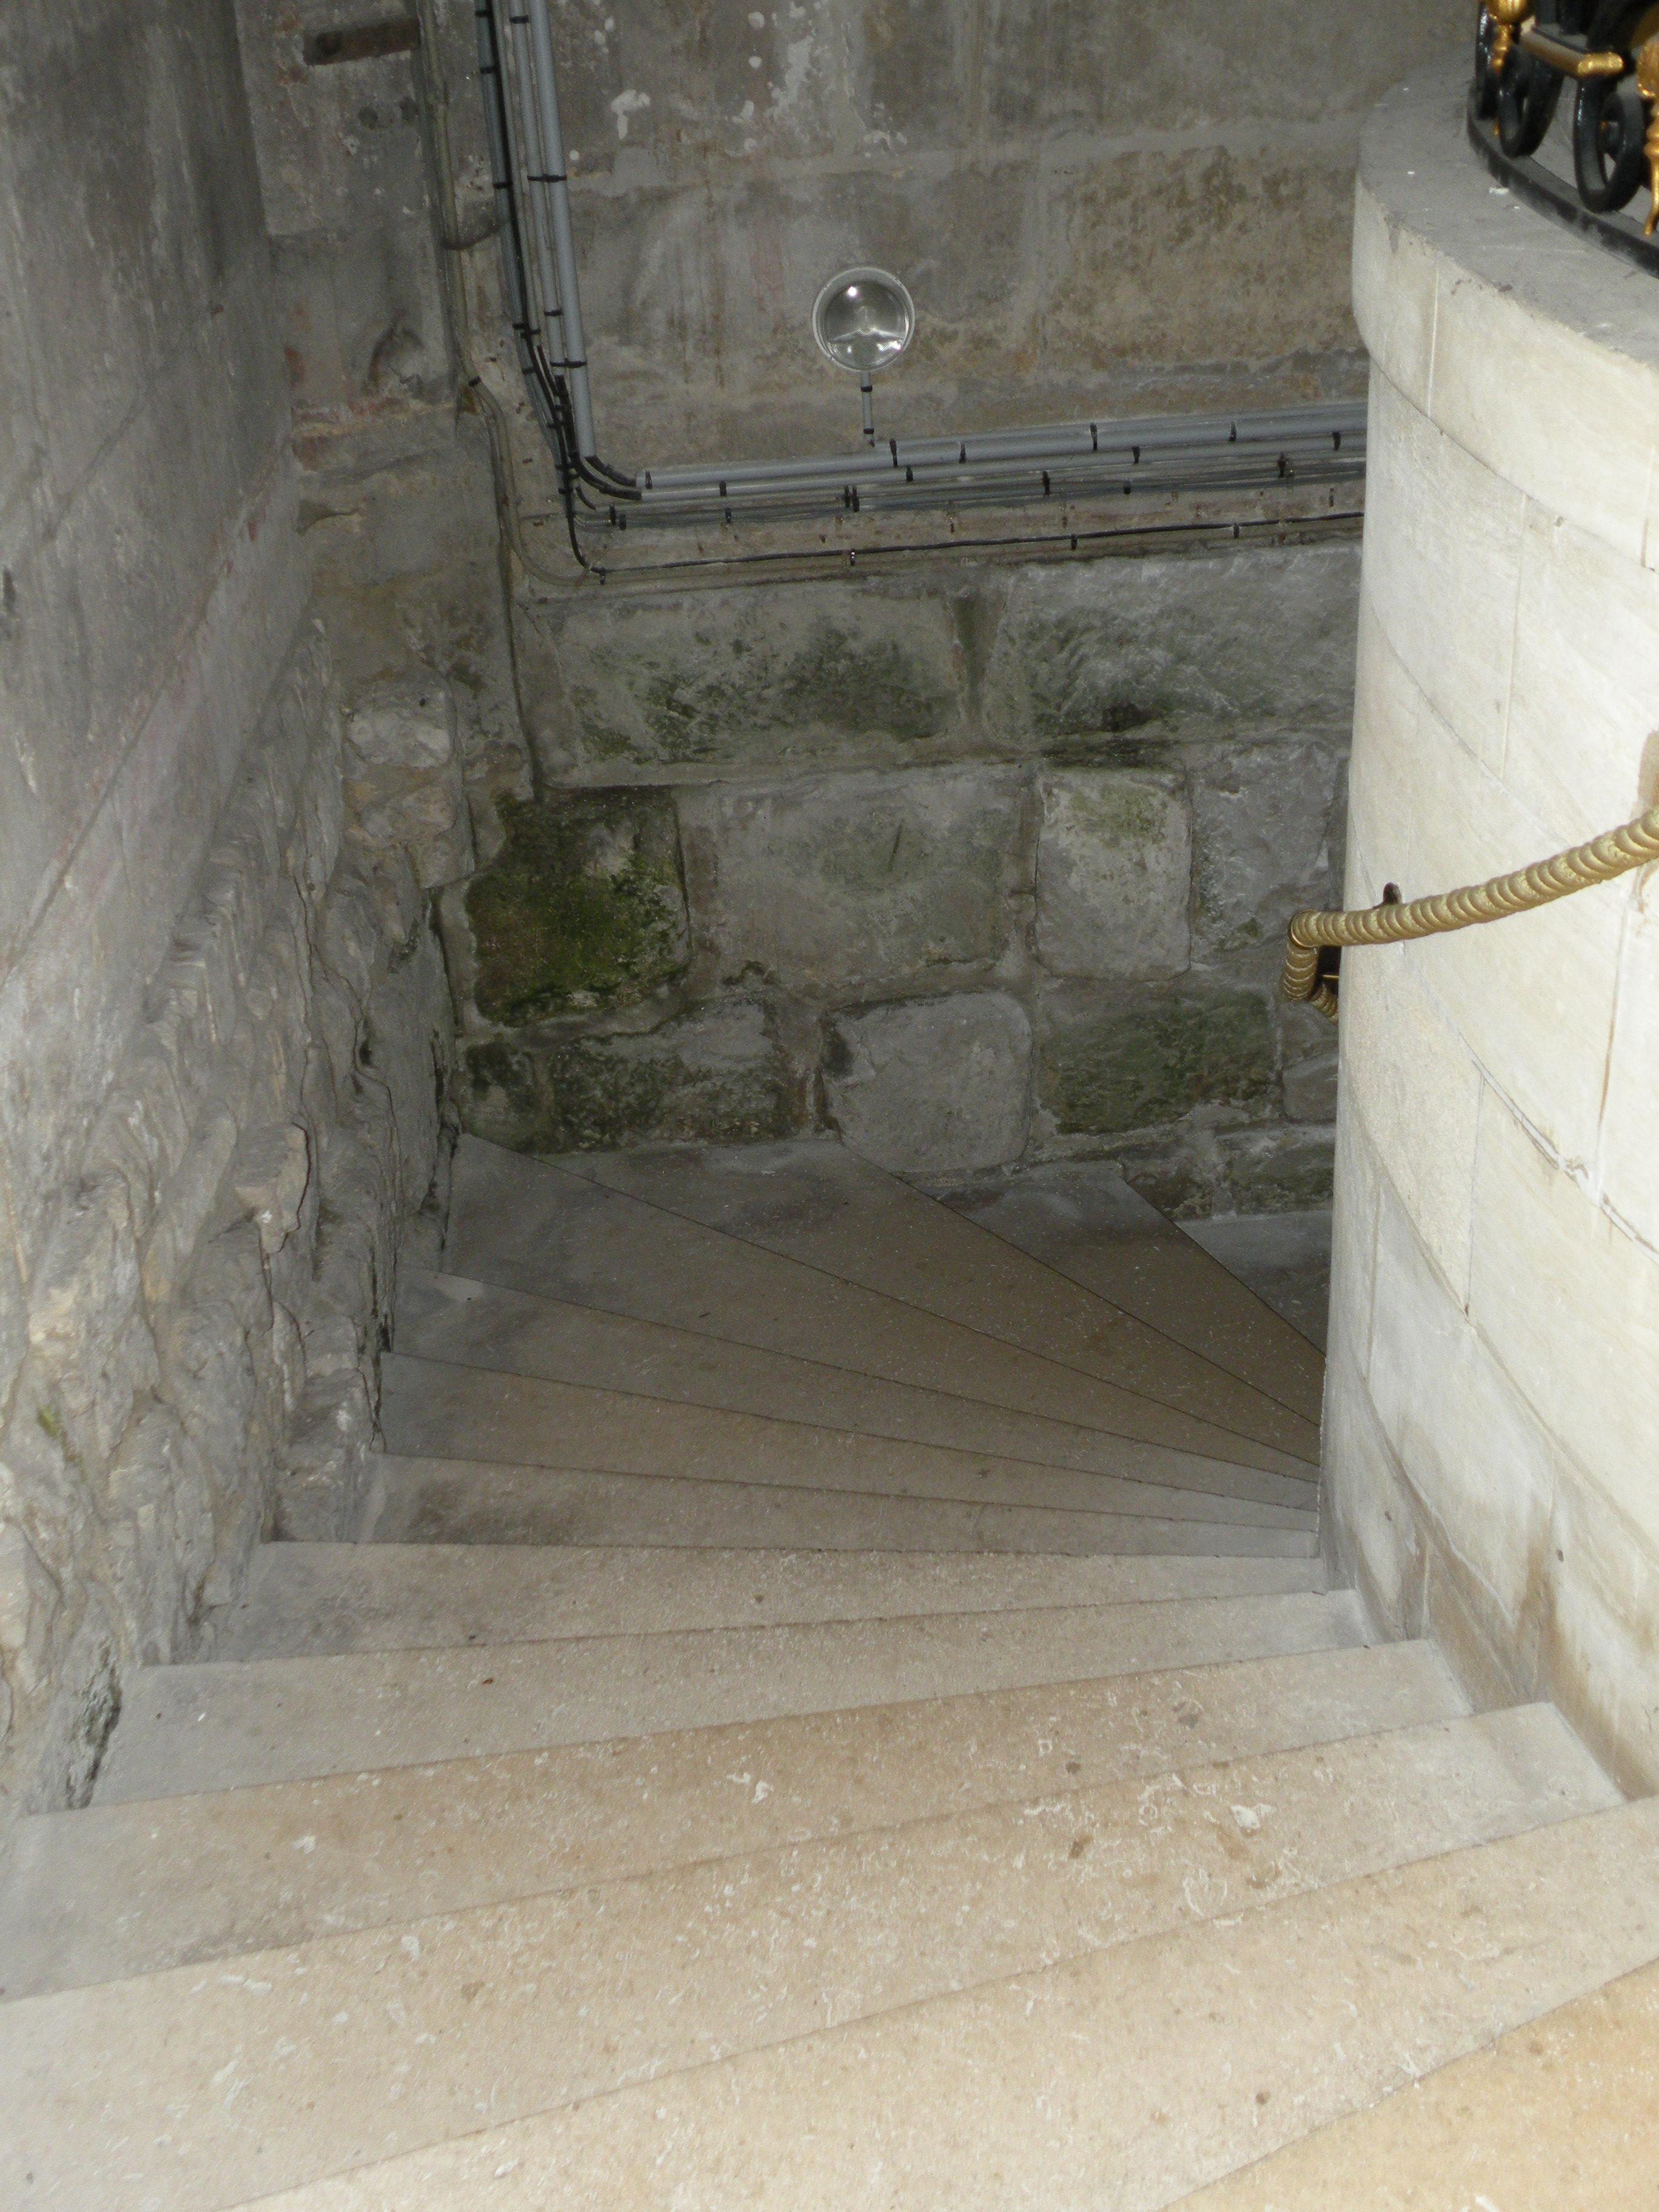 Main Courante Escalier Corde file:escalier souterrain1 saint etienne beauvais